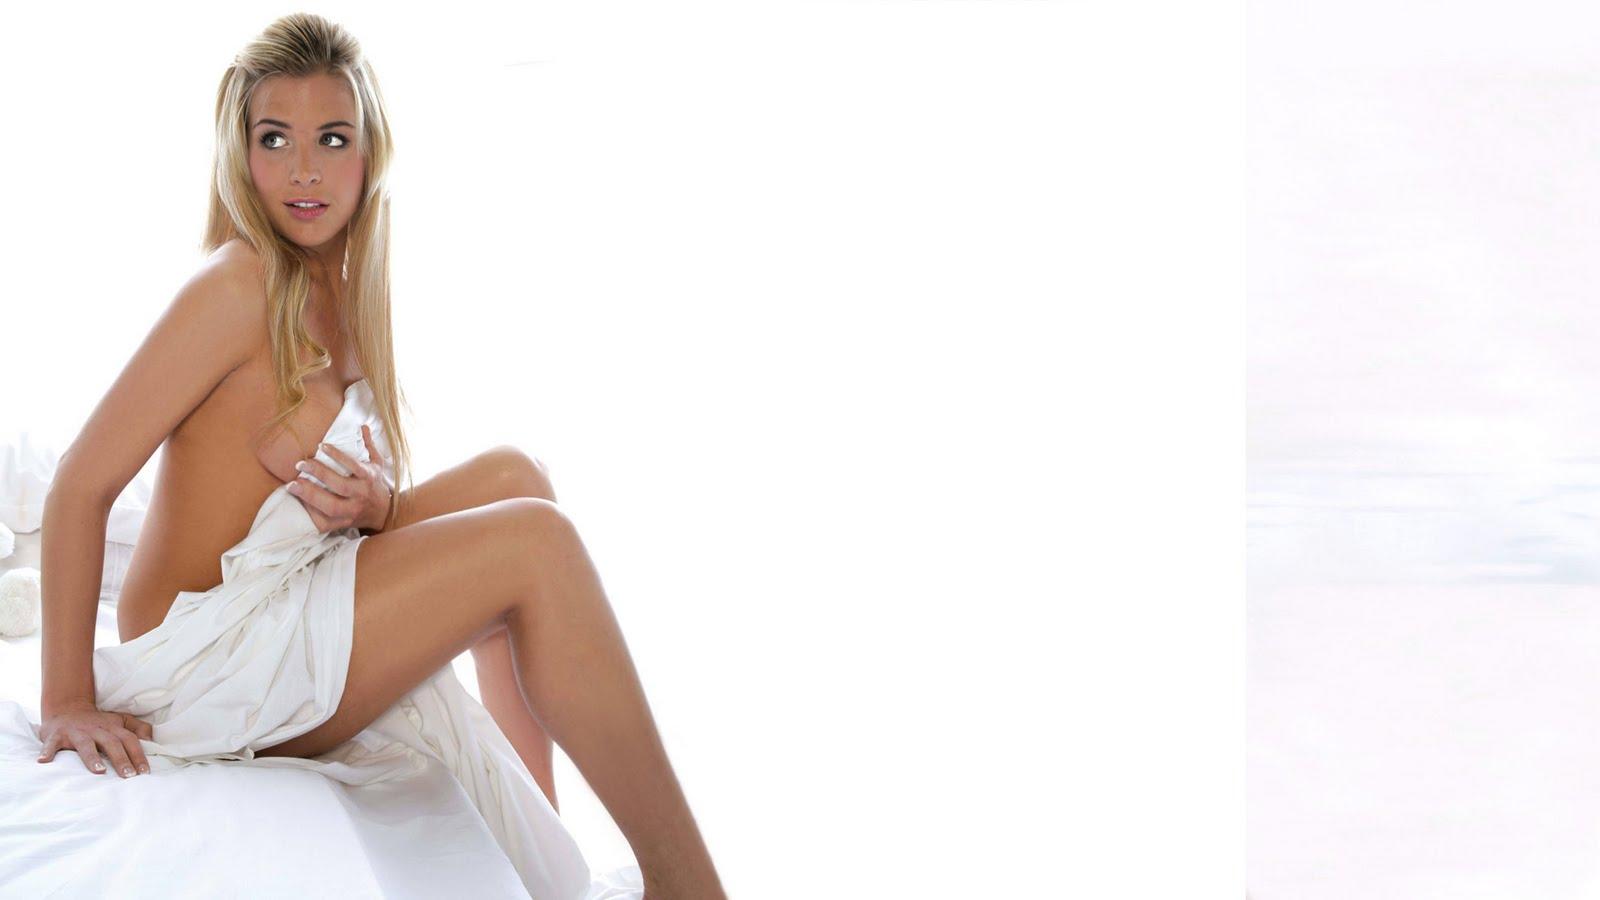 http://1.bp.blogspot.com/-4eIXYnhAEYo/TWlACoXnjtI/AAAAAAAACD4/CNa20wX-FsE/s1600/Gemma%2BAtkinson%2BWallpaper%2B%25284%2529.jpg